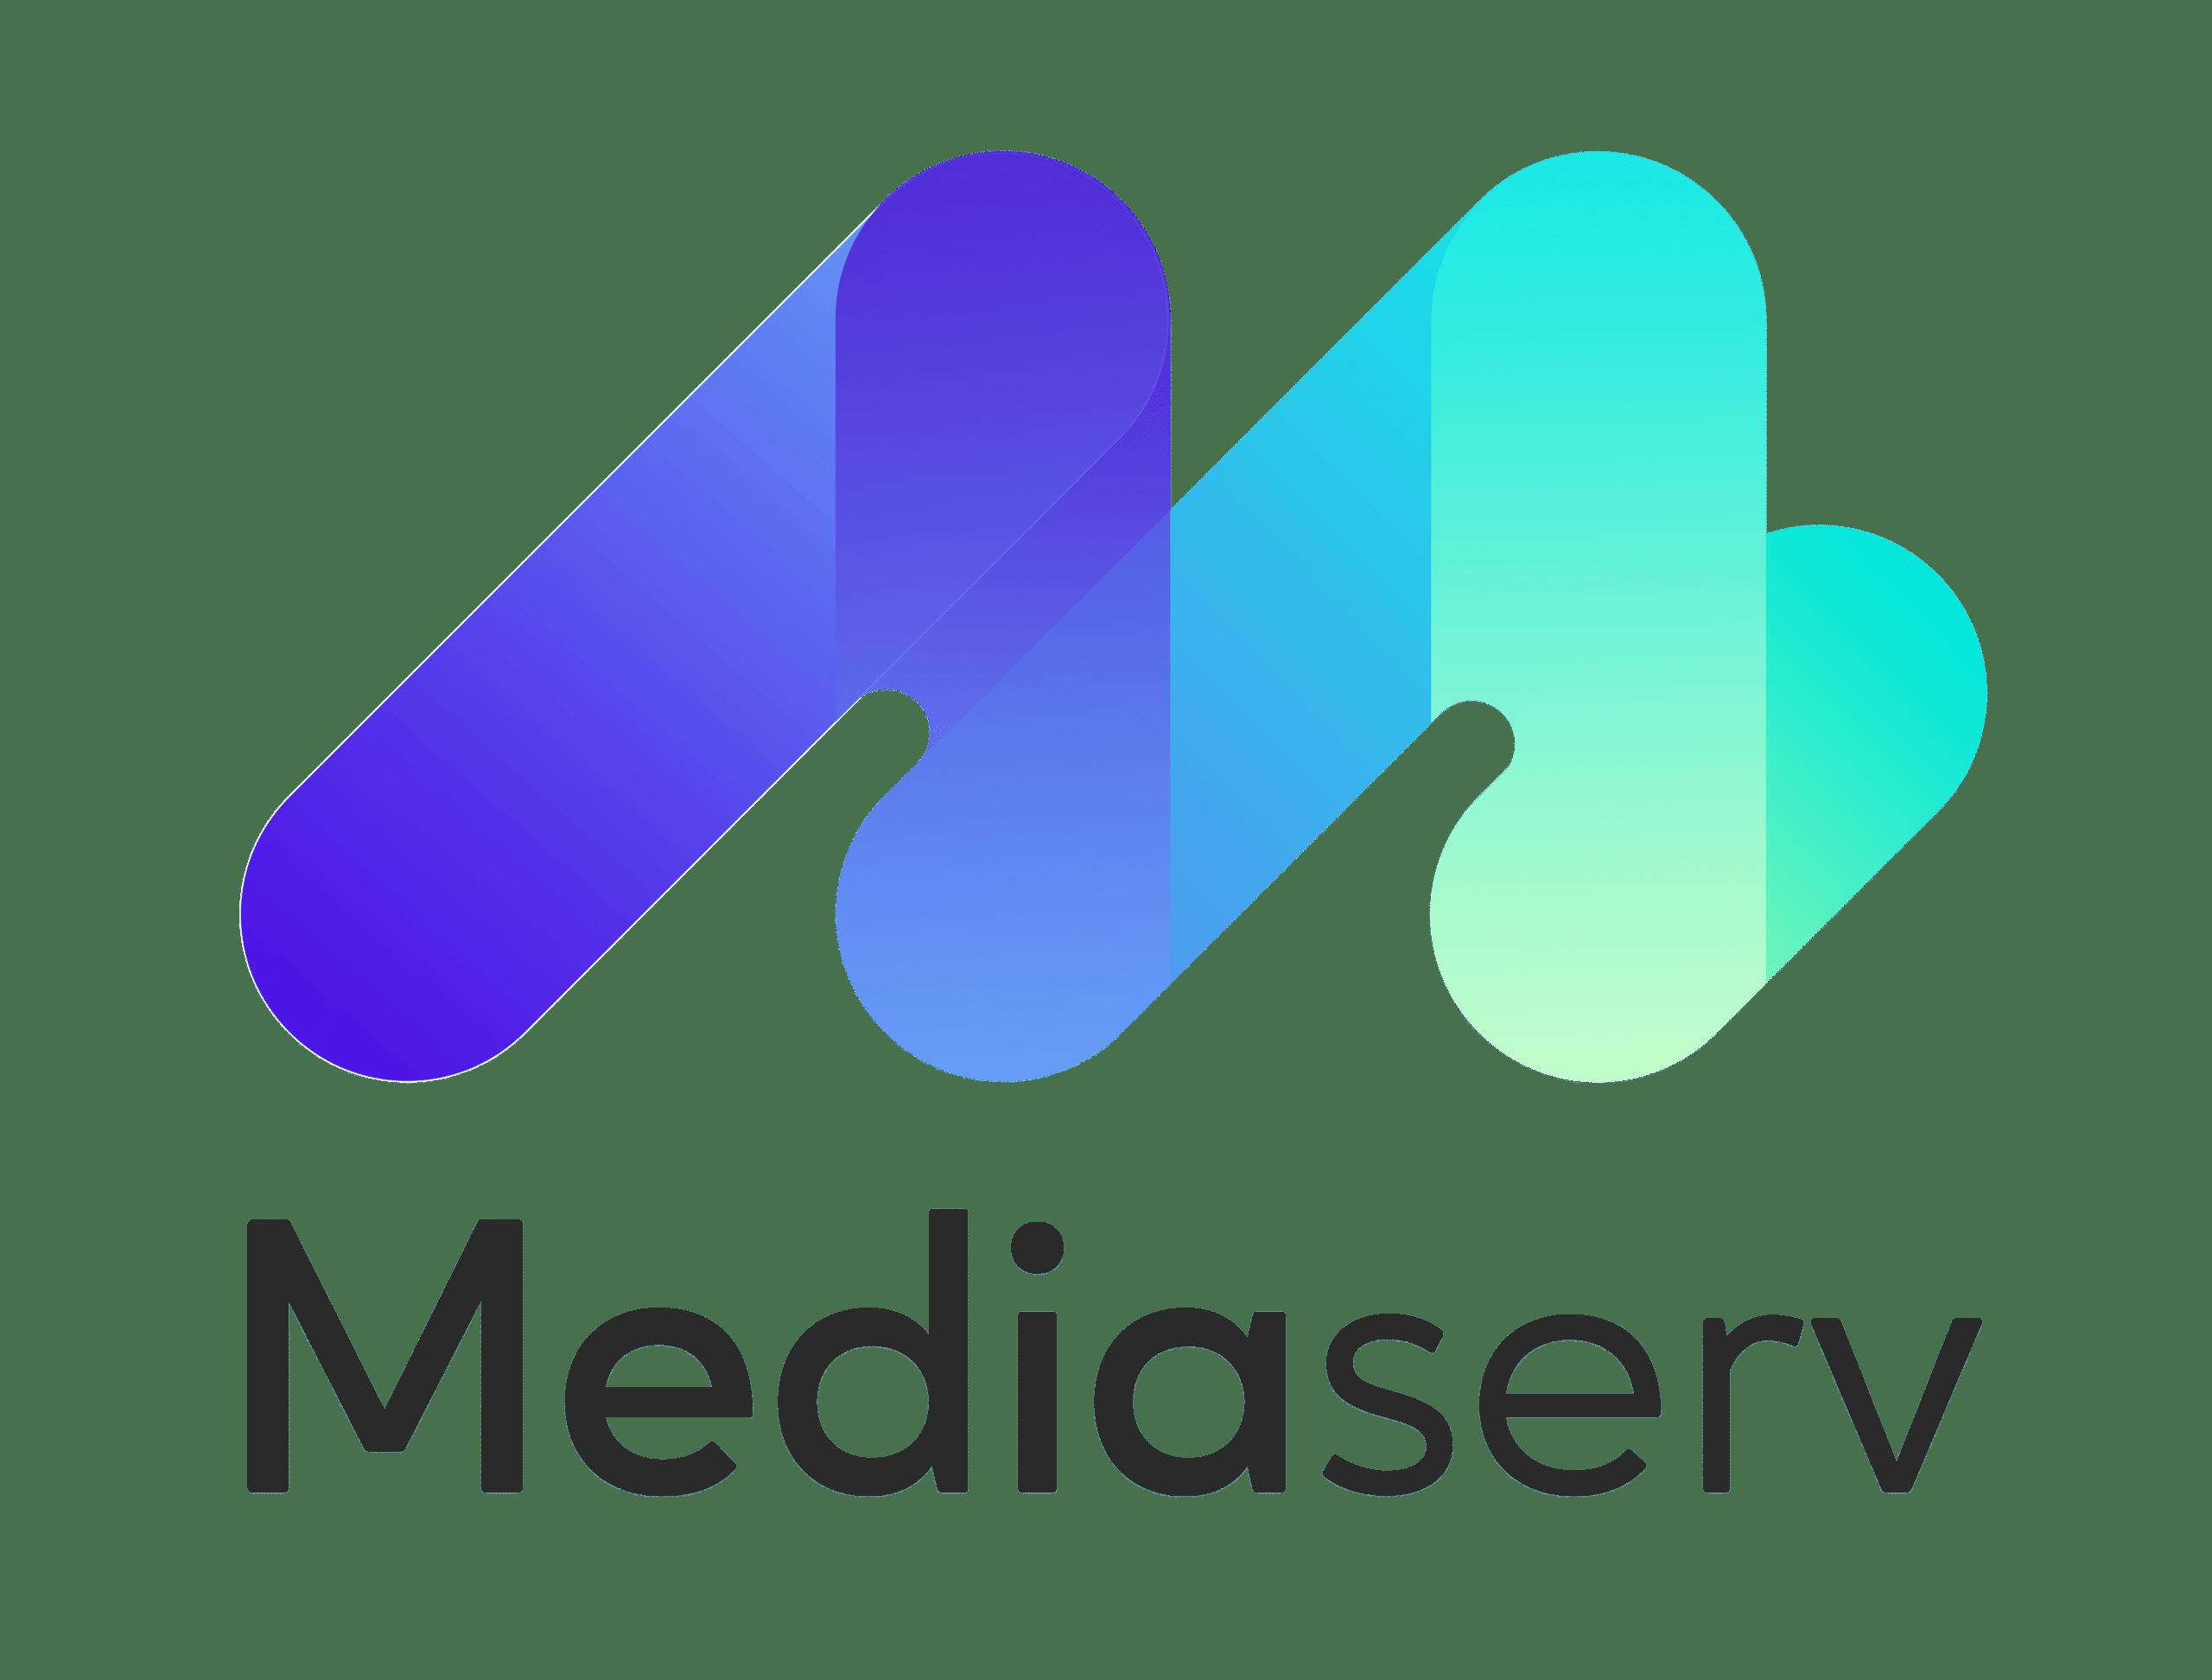 Mediaserv Agency